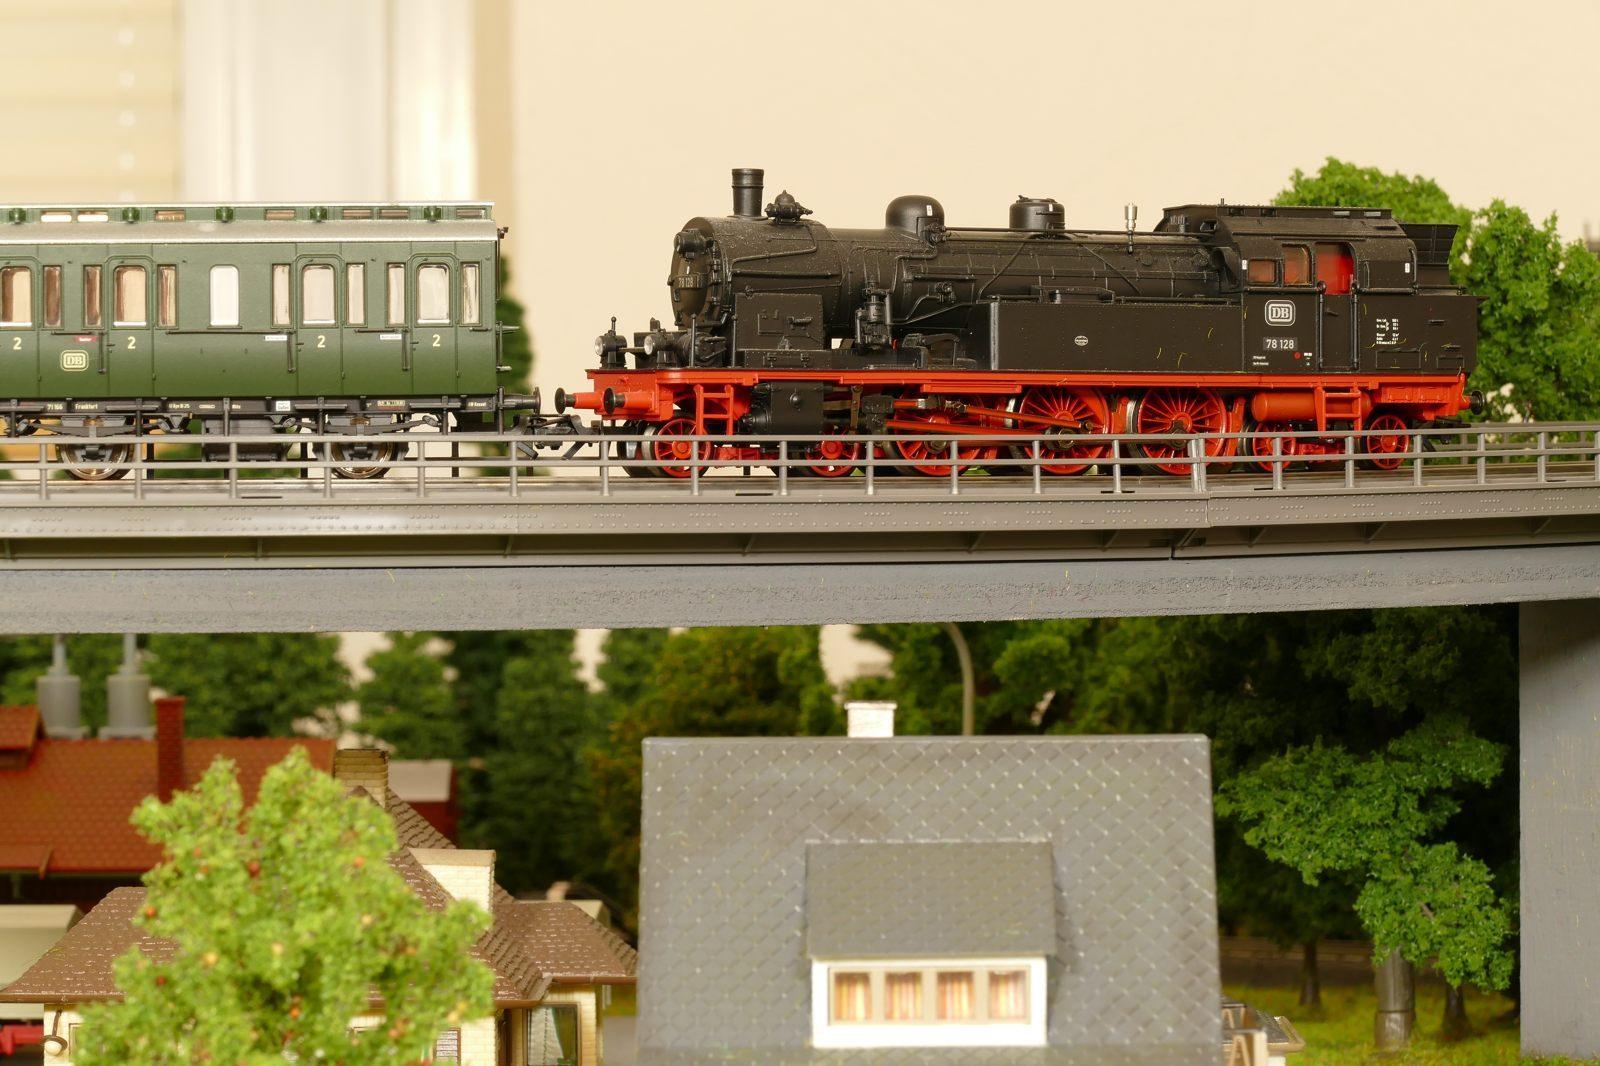 Die 78er rollt mit einem Personenzug über die lange Brücke